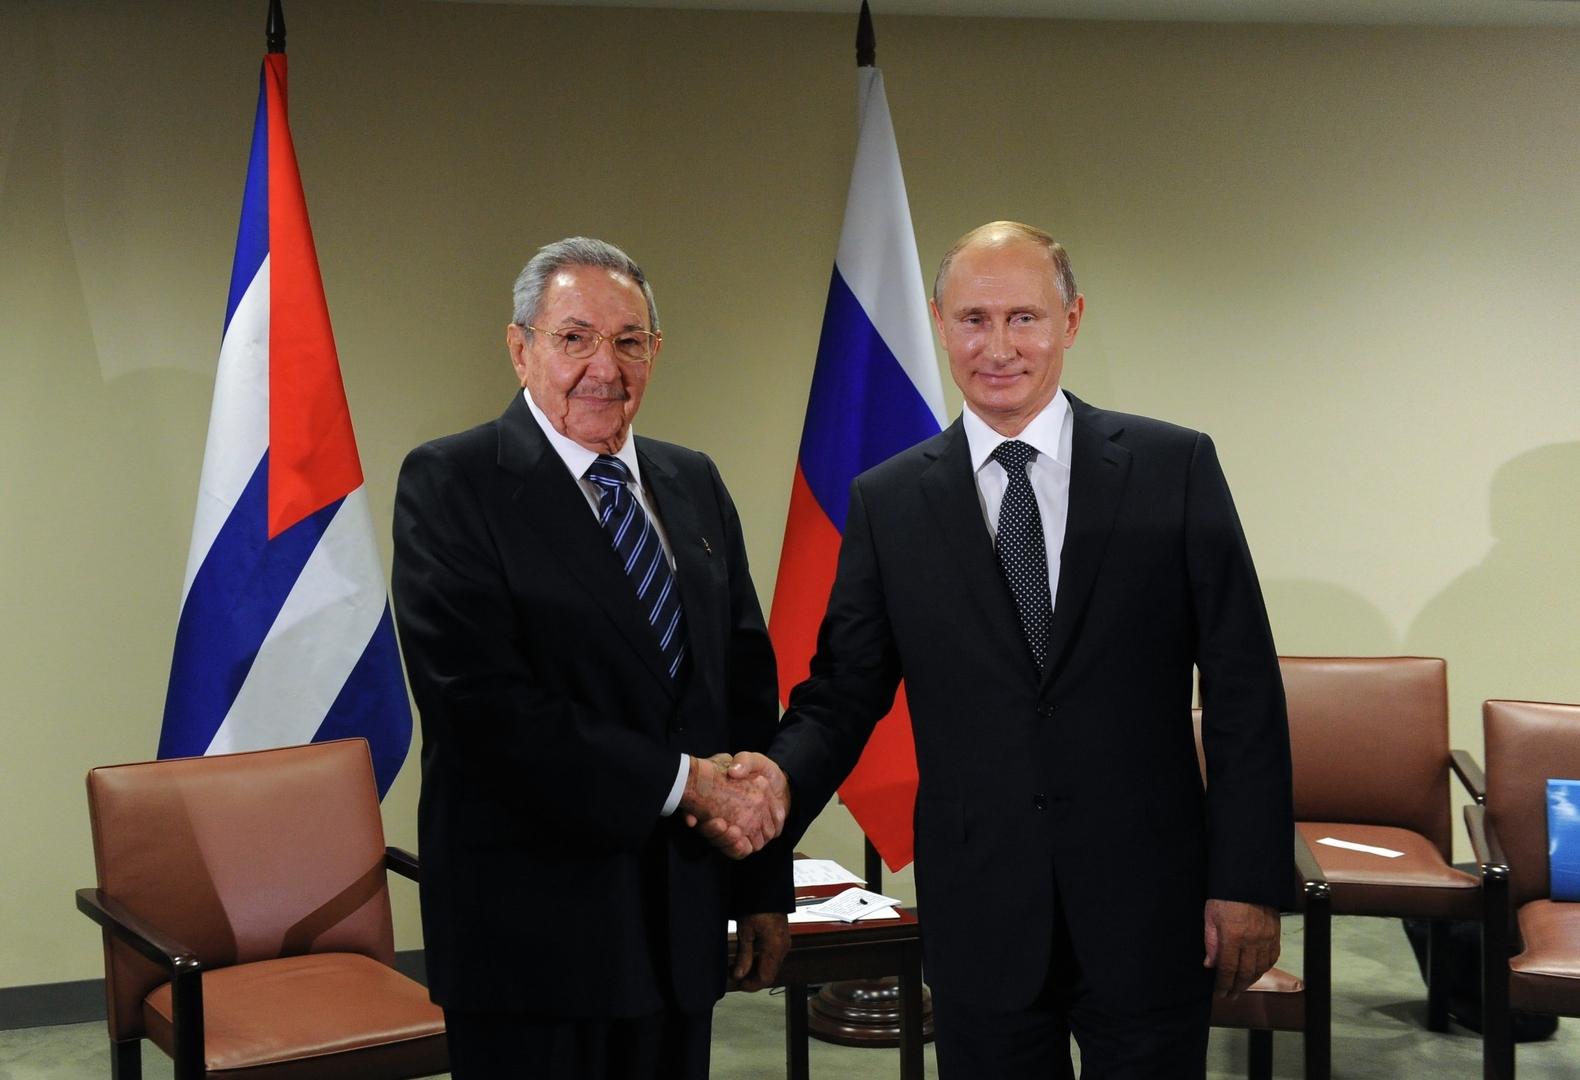 لقاء بين فلاديمير بوتين وراؤول كاسترو - صورة أرشيفية